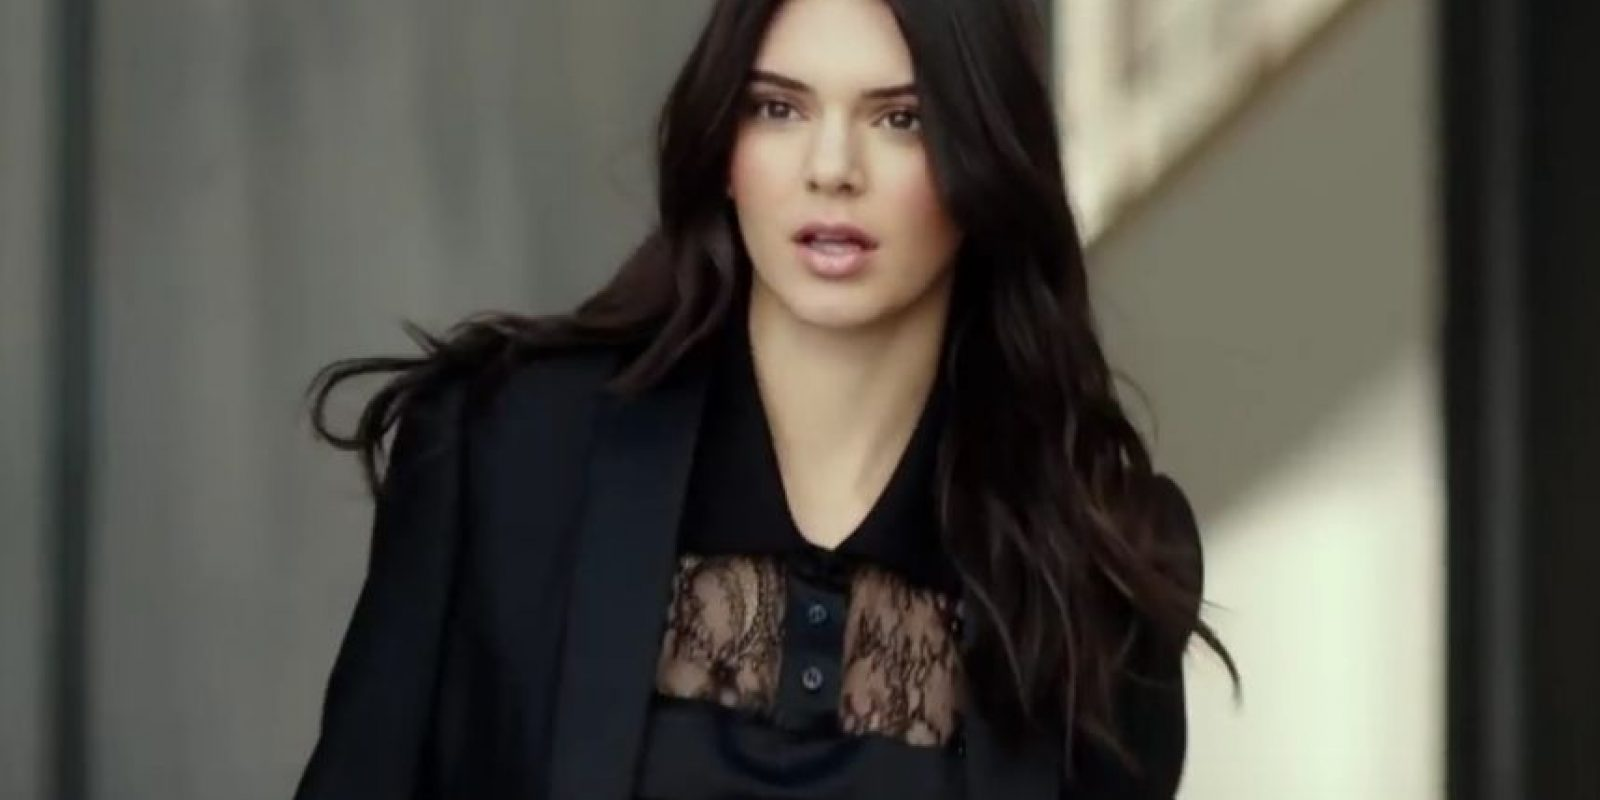 En el video Kendall se retrasa y sale rápidamente de su casa… Foto:Vía Youtube Stee Lauder